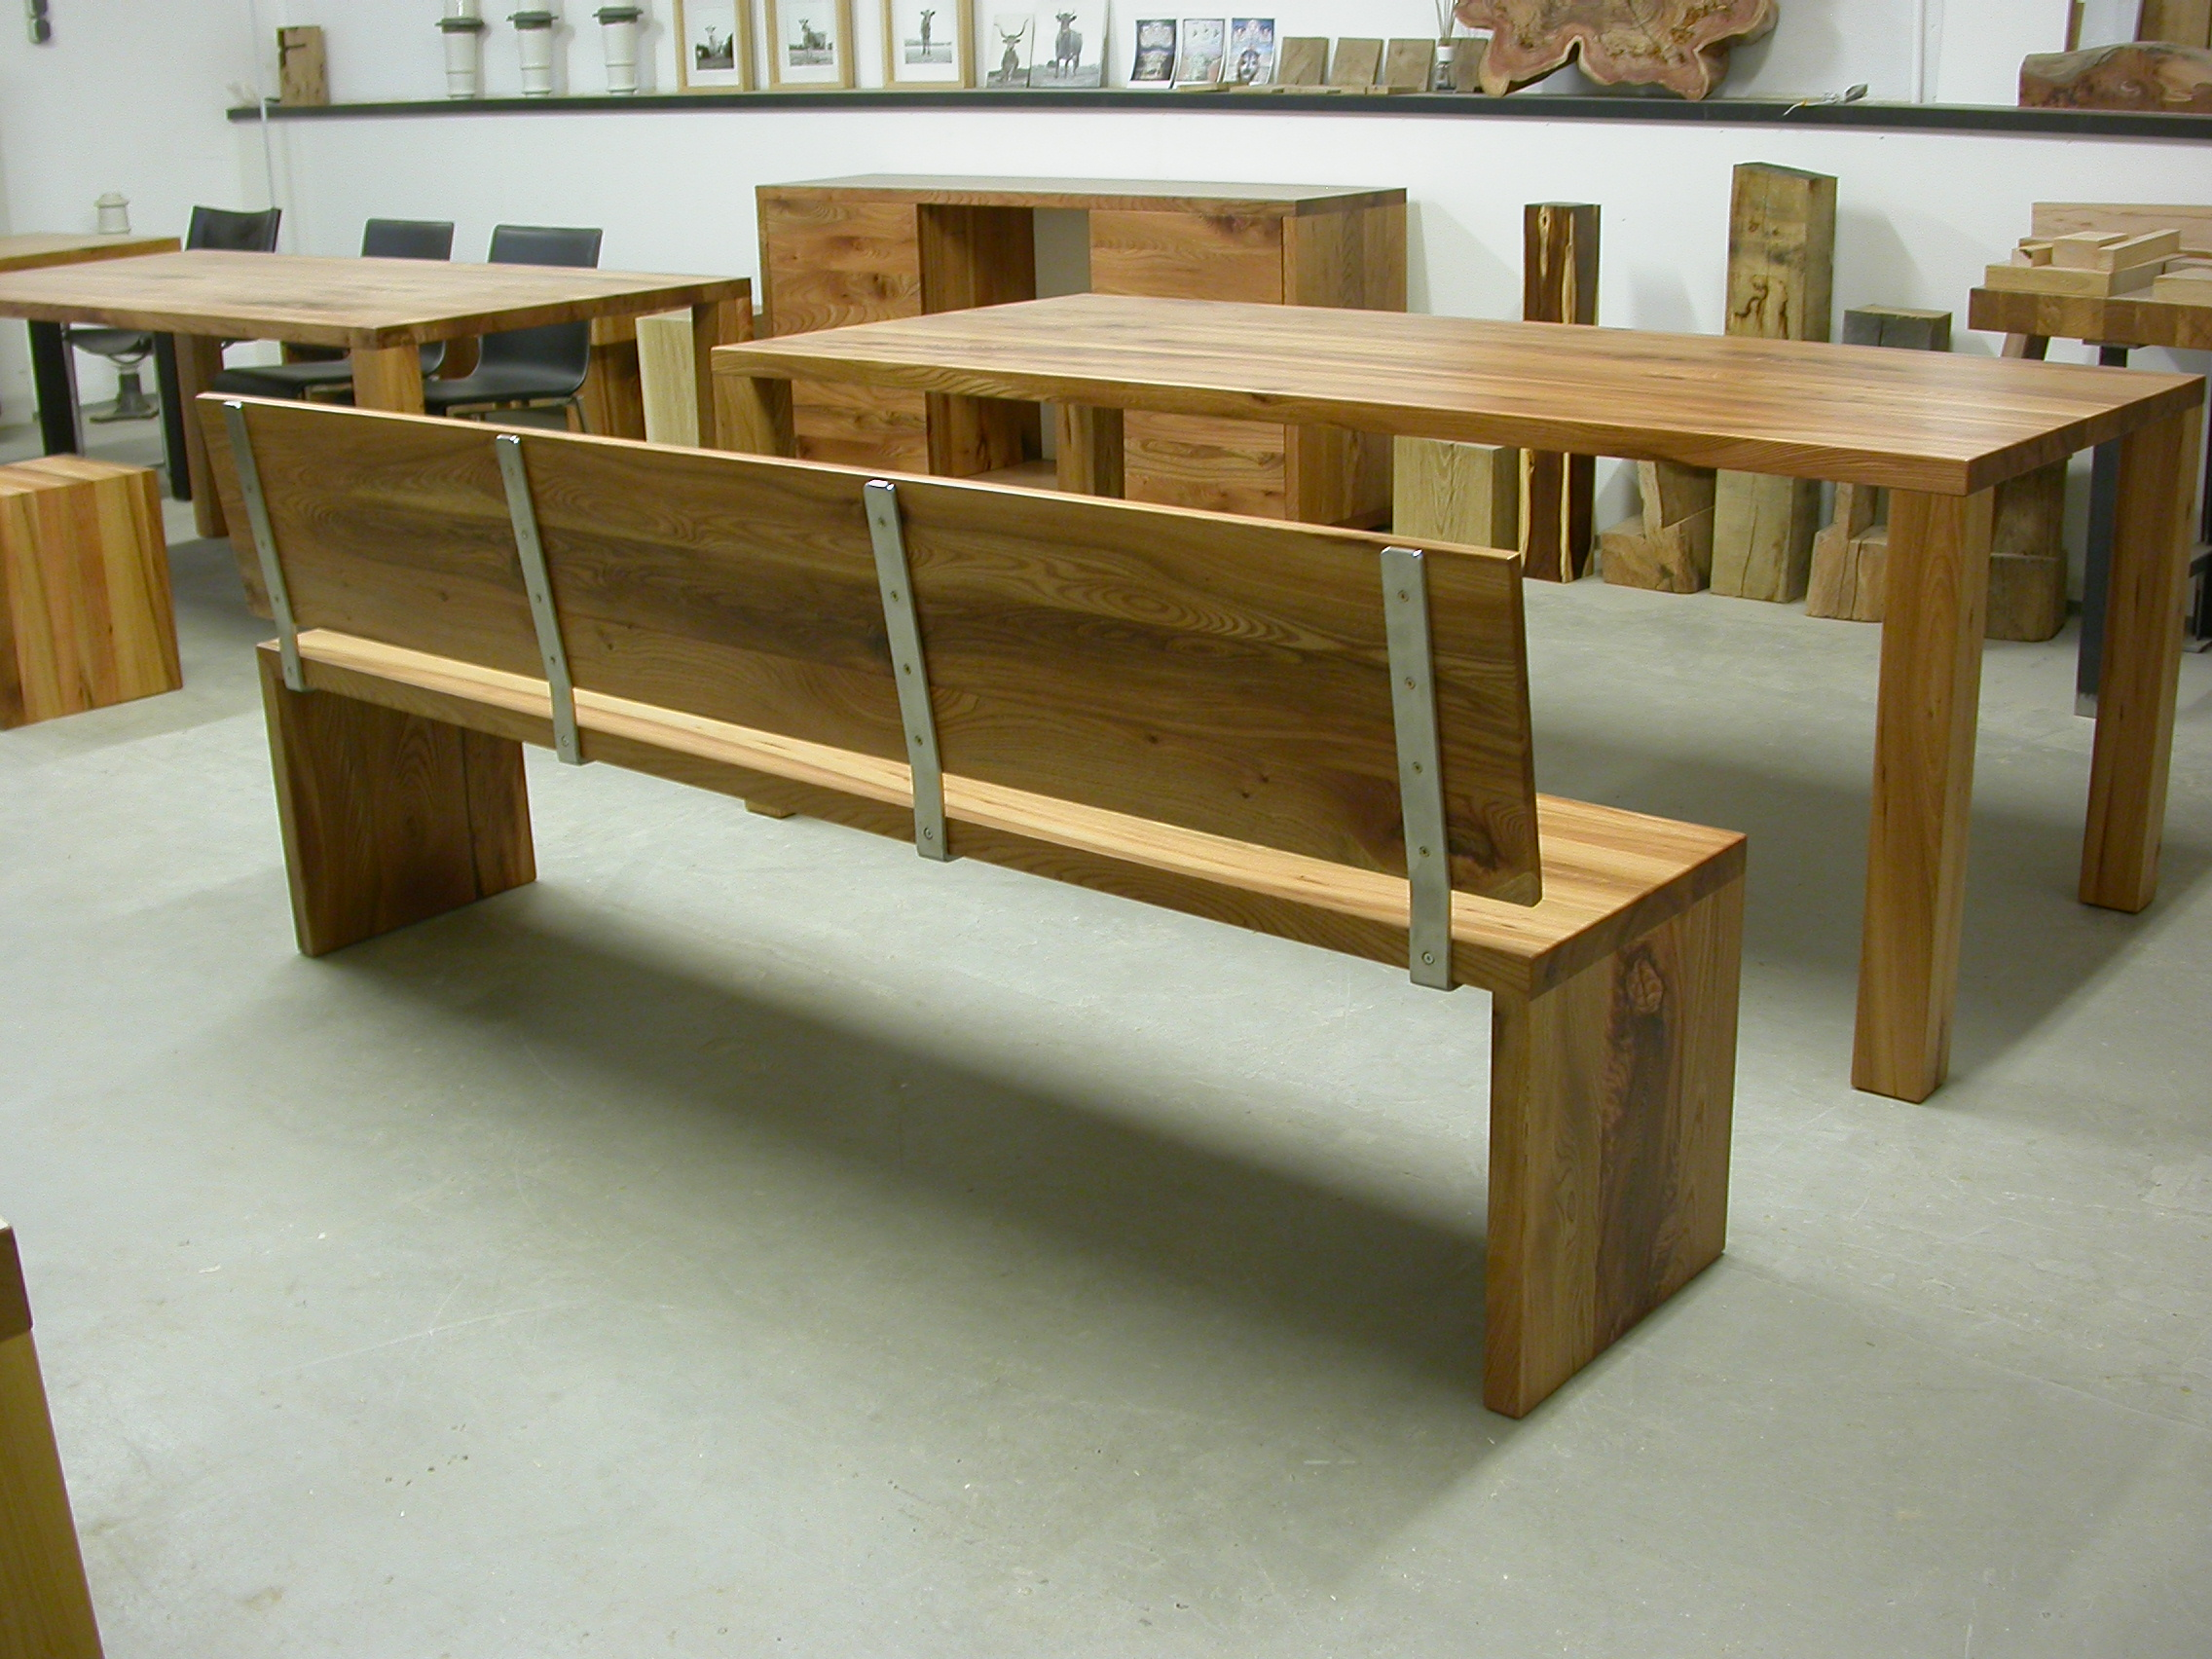 Bank Joseph mit Rückenlehne aus Edelstahl und Holz.